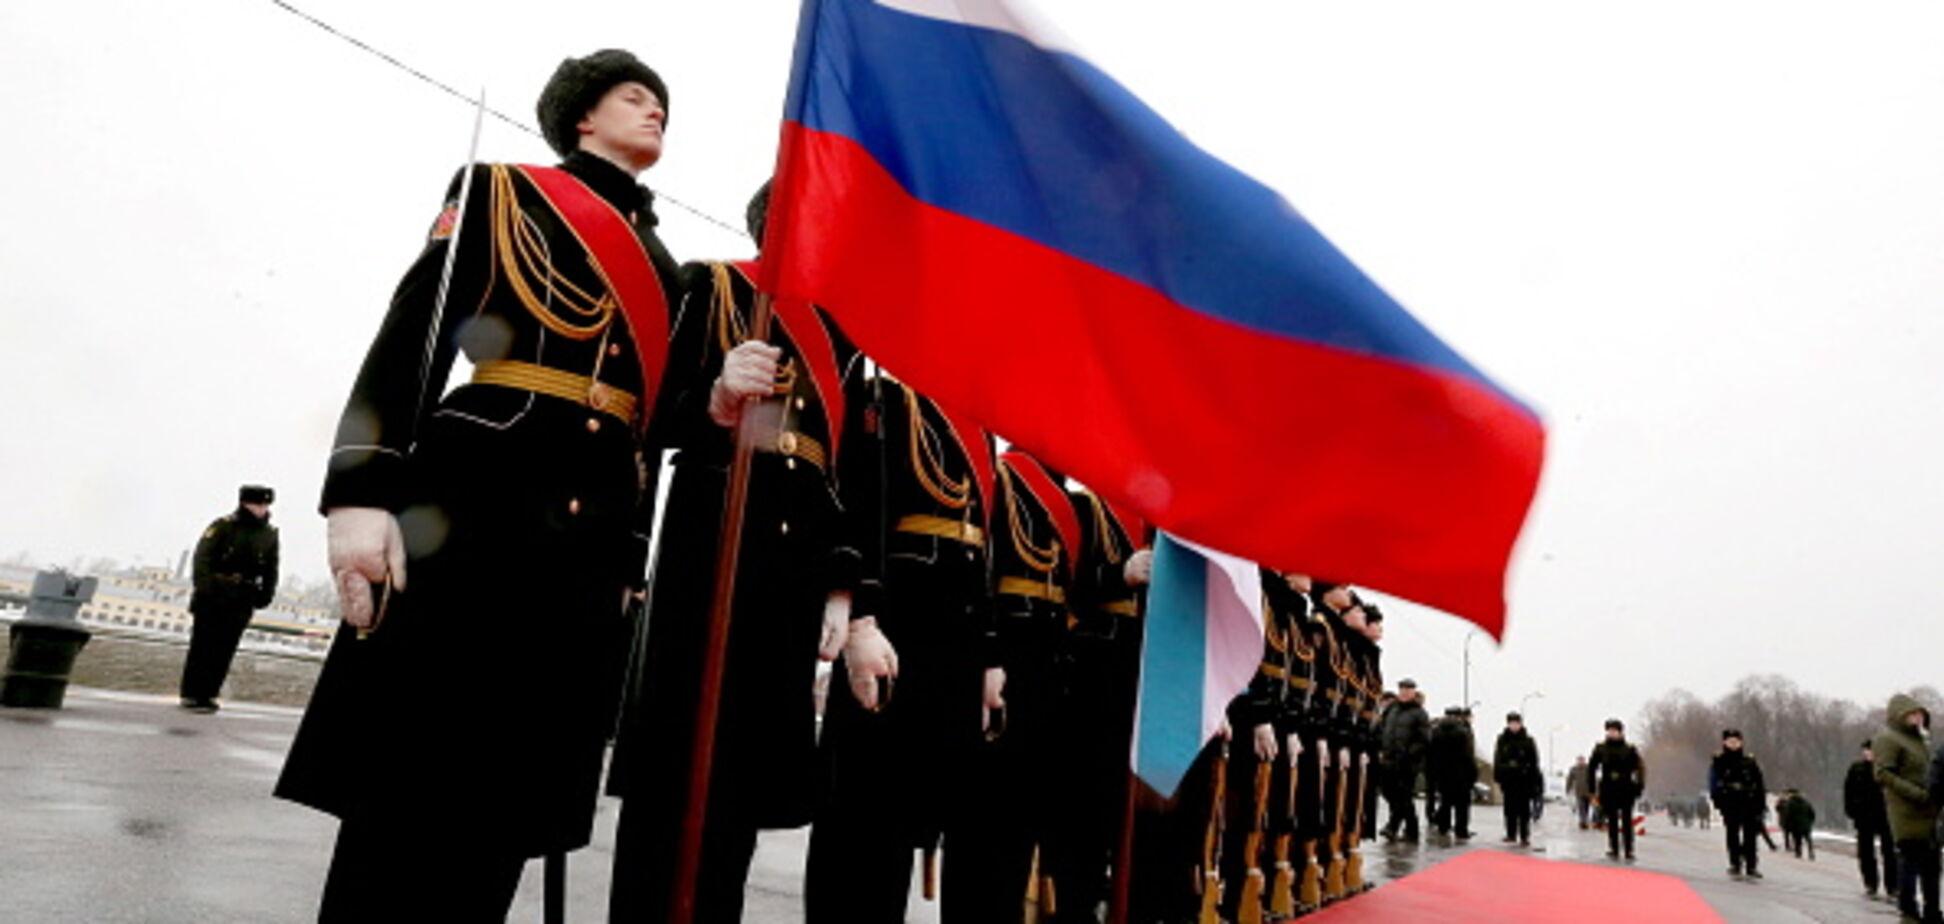 Разгром россиян в Сирии: Венедиктов пояснил реакцию Путина